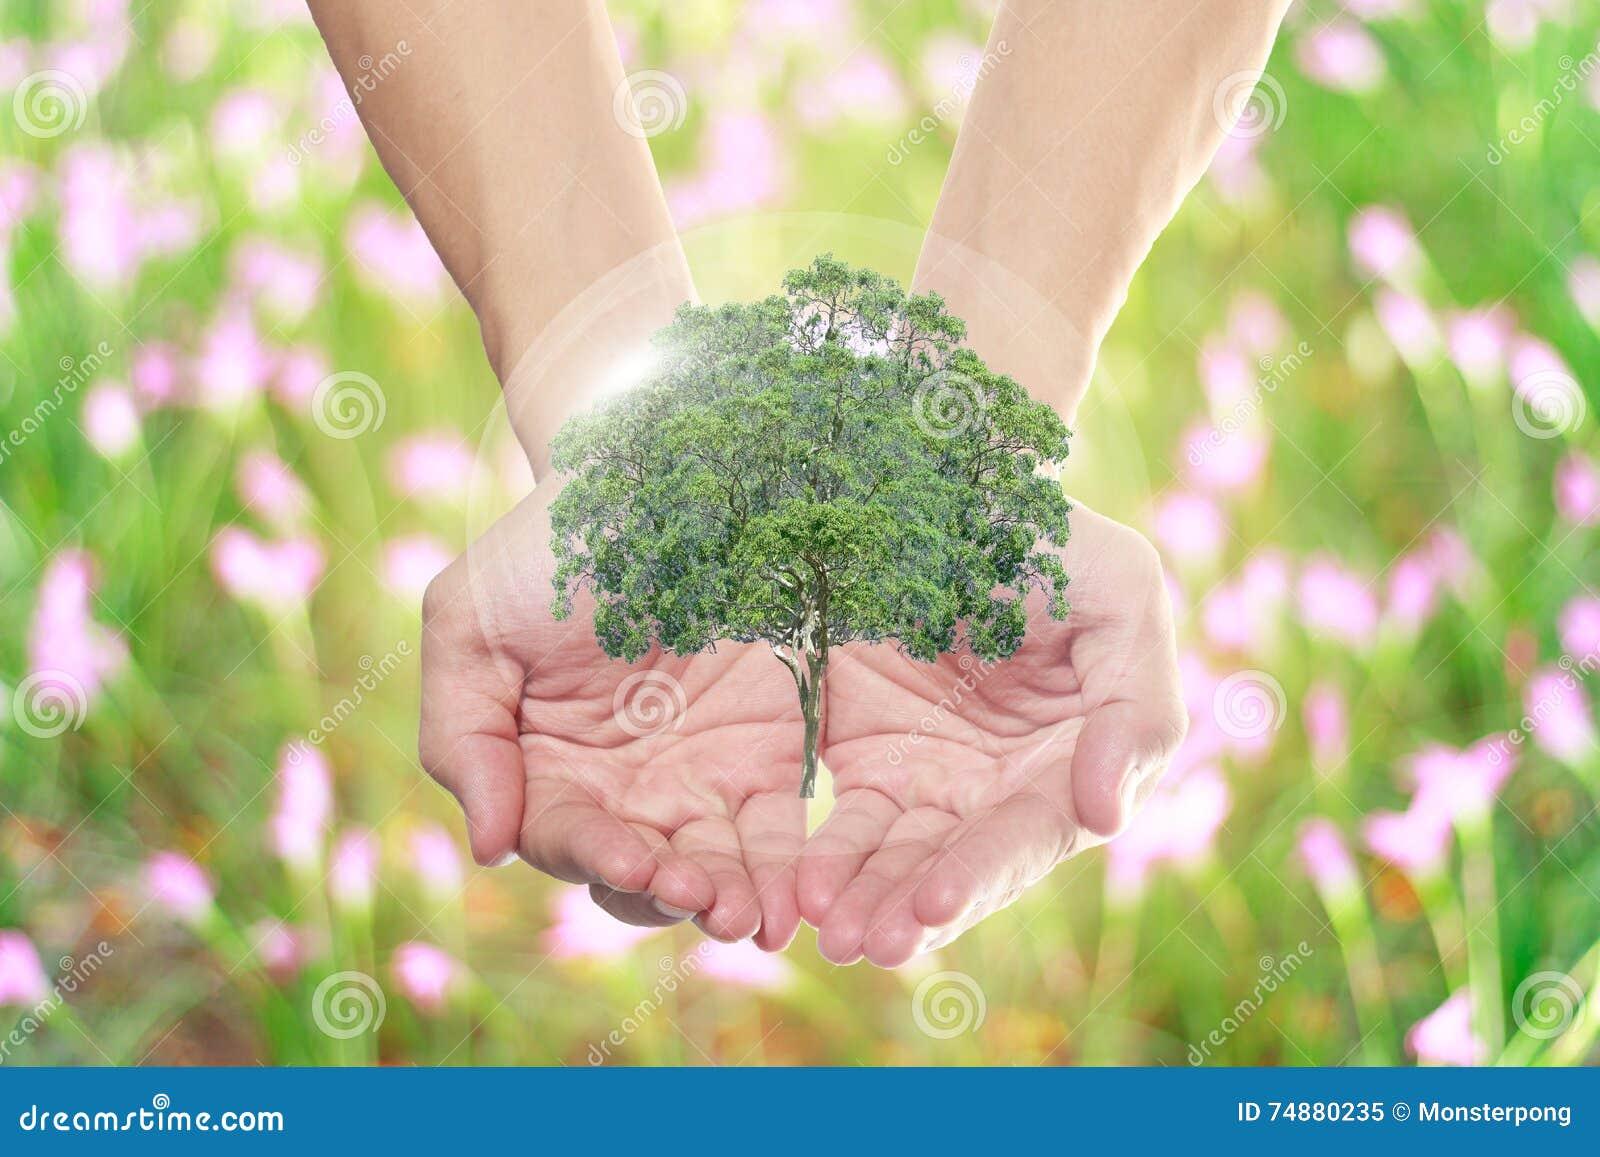 O mundo natural nas mãos de todos